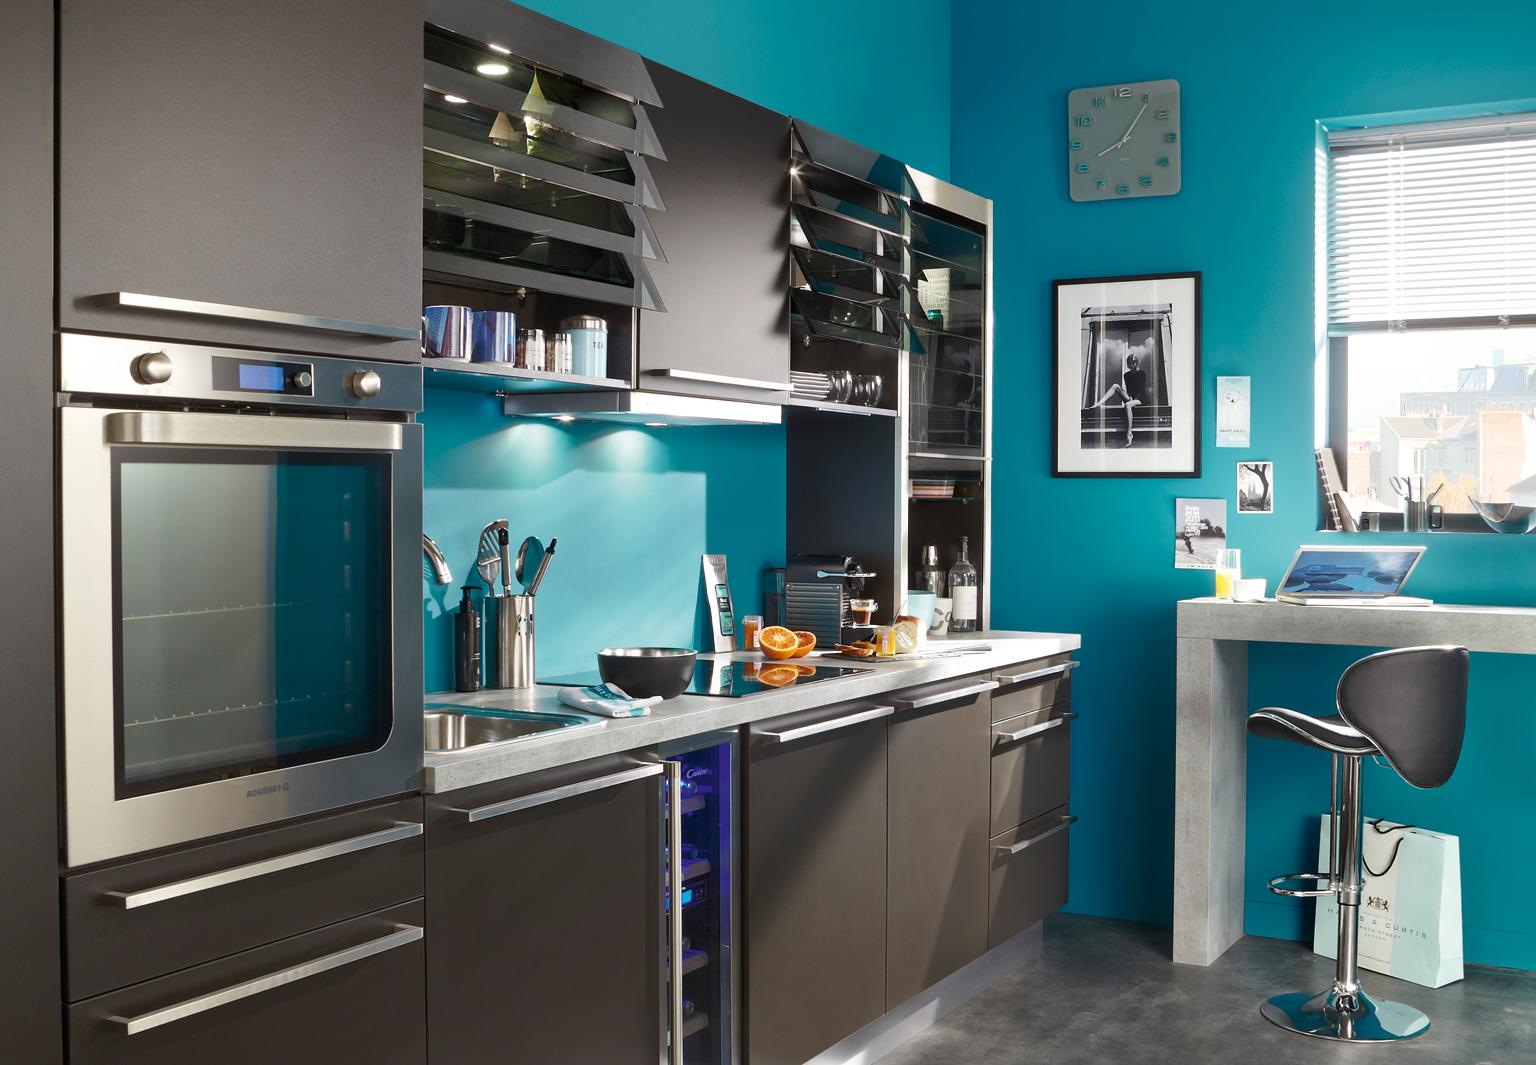 Modele cuisine peinture - Atwebster.fr - Maison et mobilier